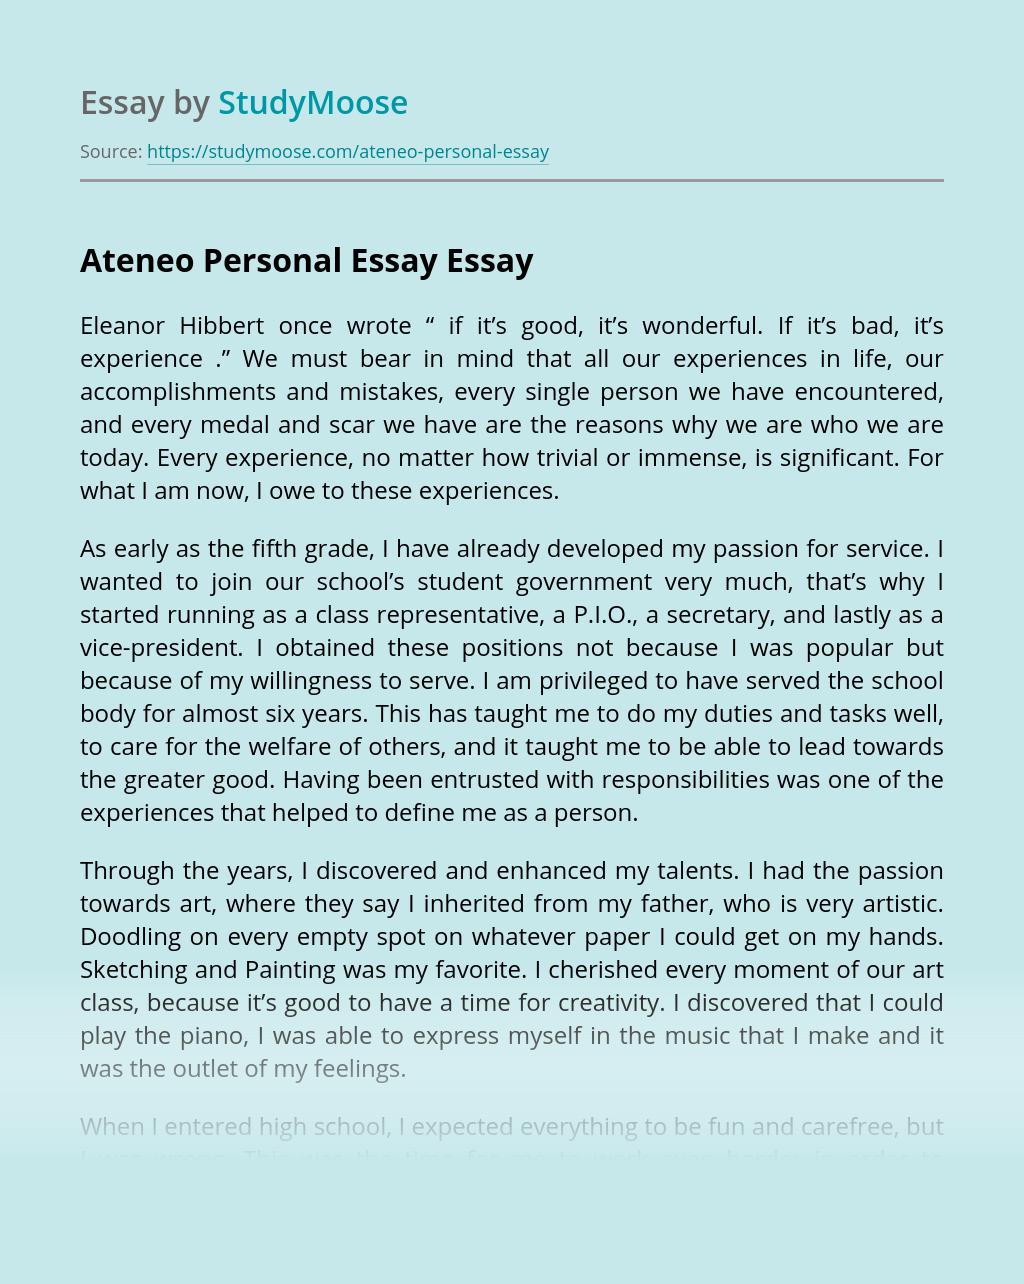 Ateneo Personal Essay